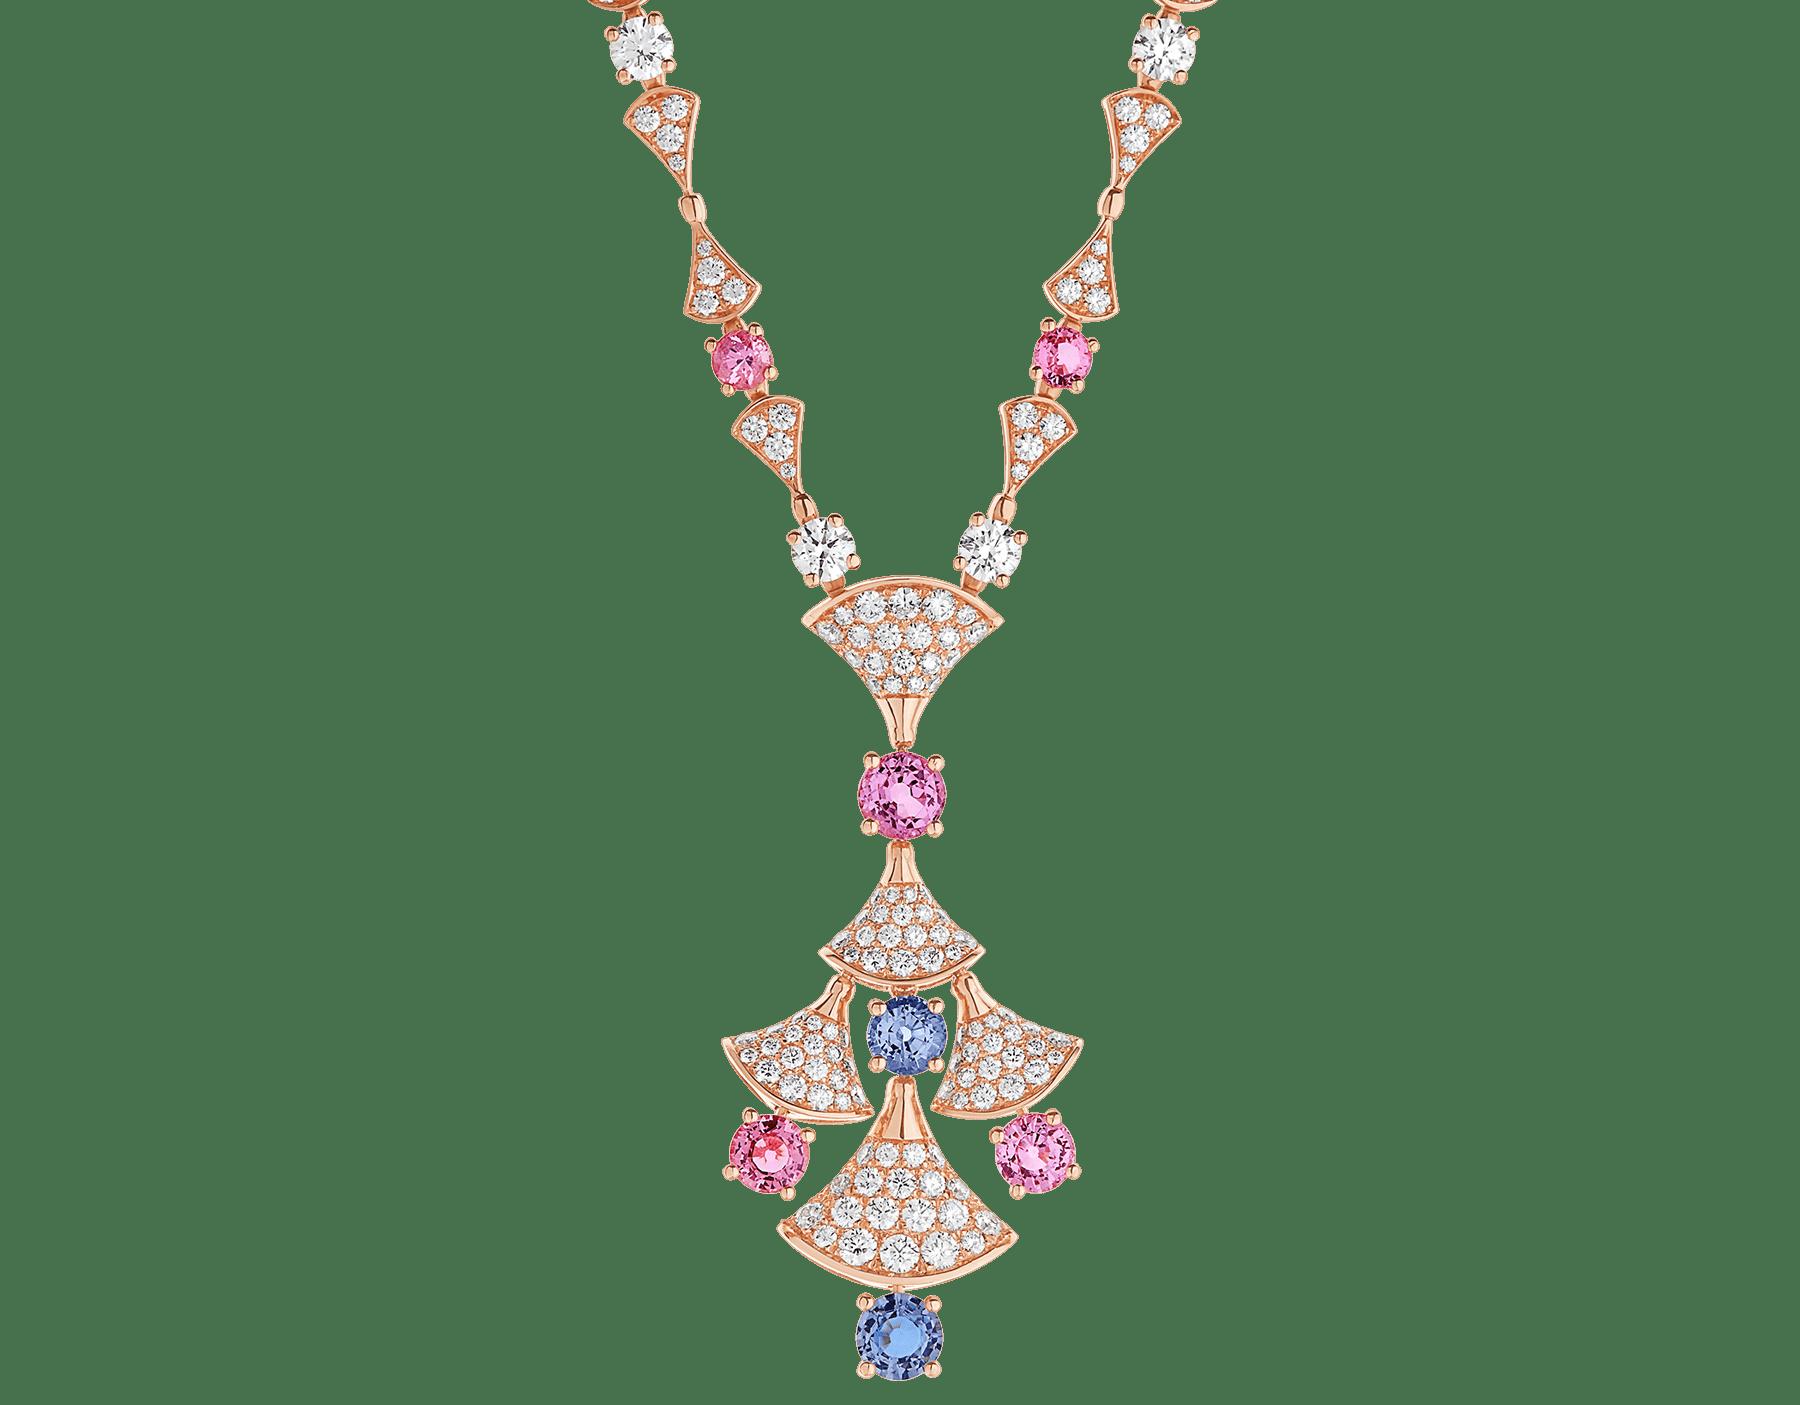 DIVAS' DREAM 18 kt rose gold necklace set with round brilliant-cut diamonds (3.06 ct), brilliant-cut spinels (4.04 ct) and pavé diamonds (3.63 ct) 357942 image 1